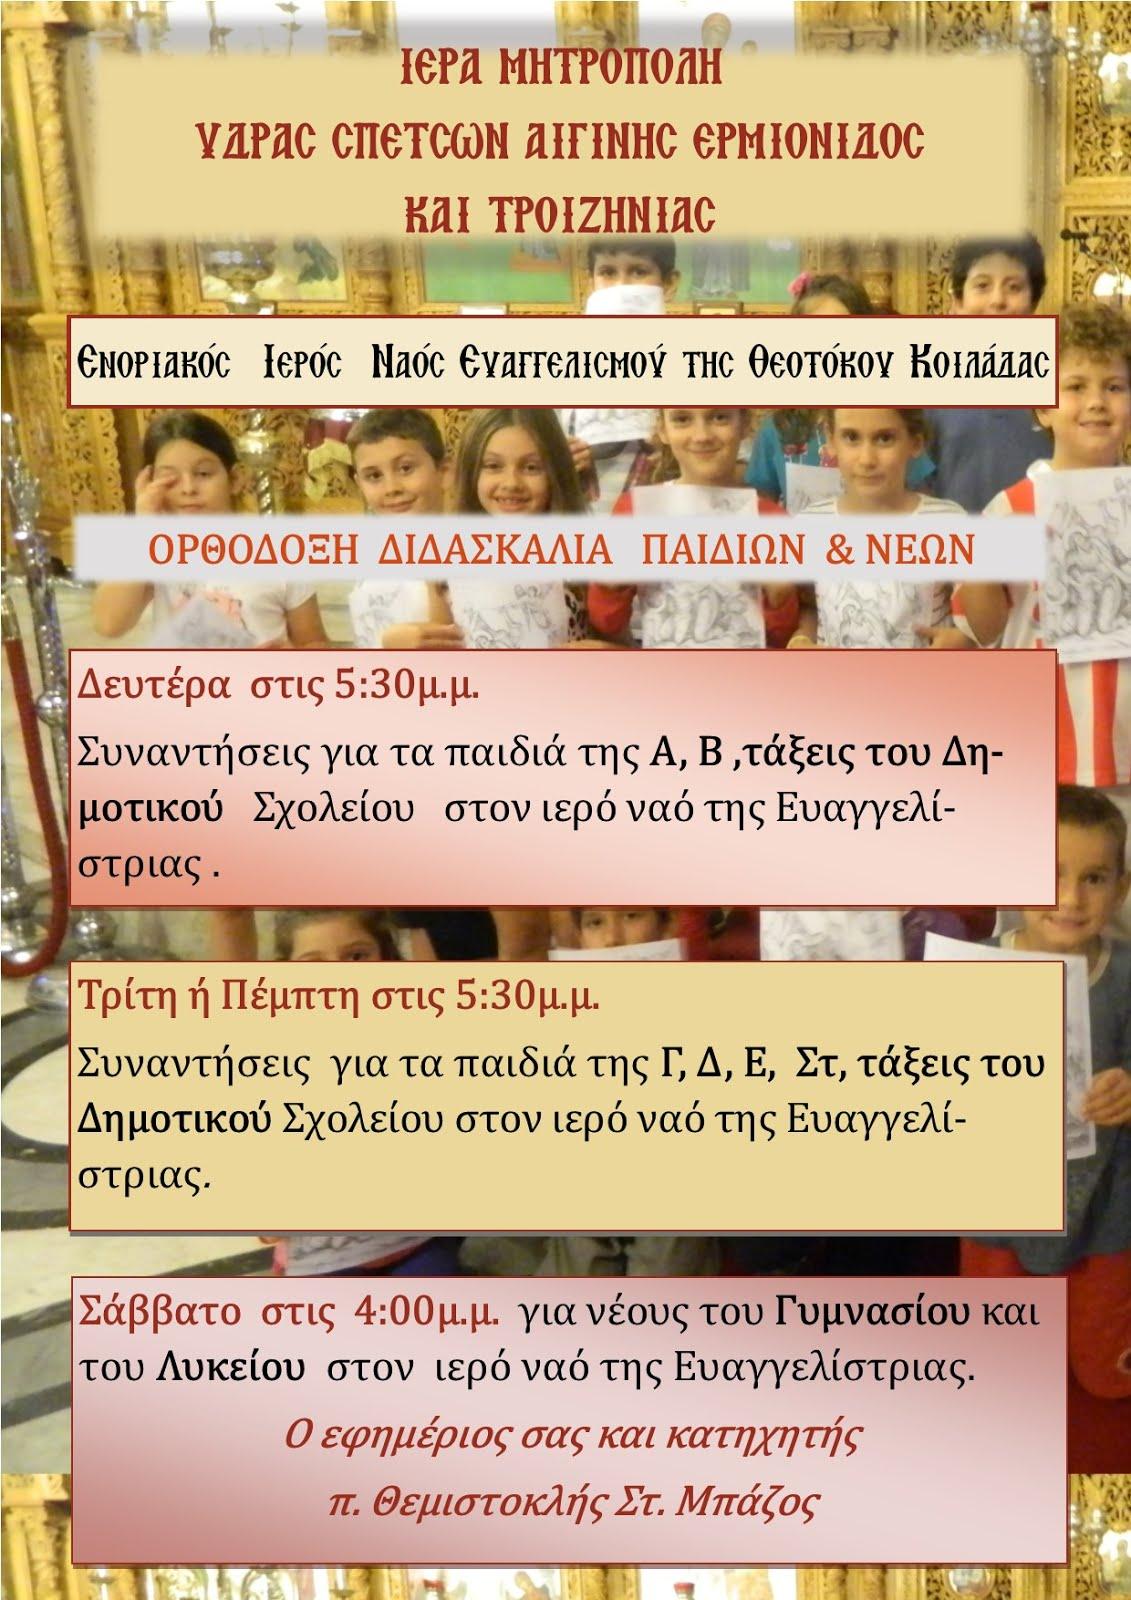 Πρόγραμμα μαθημάτων 2016-2017 Ορθόδοξης Χριστιανικής Διδασκαλίας για παιδιά και νέους